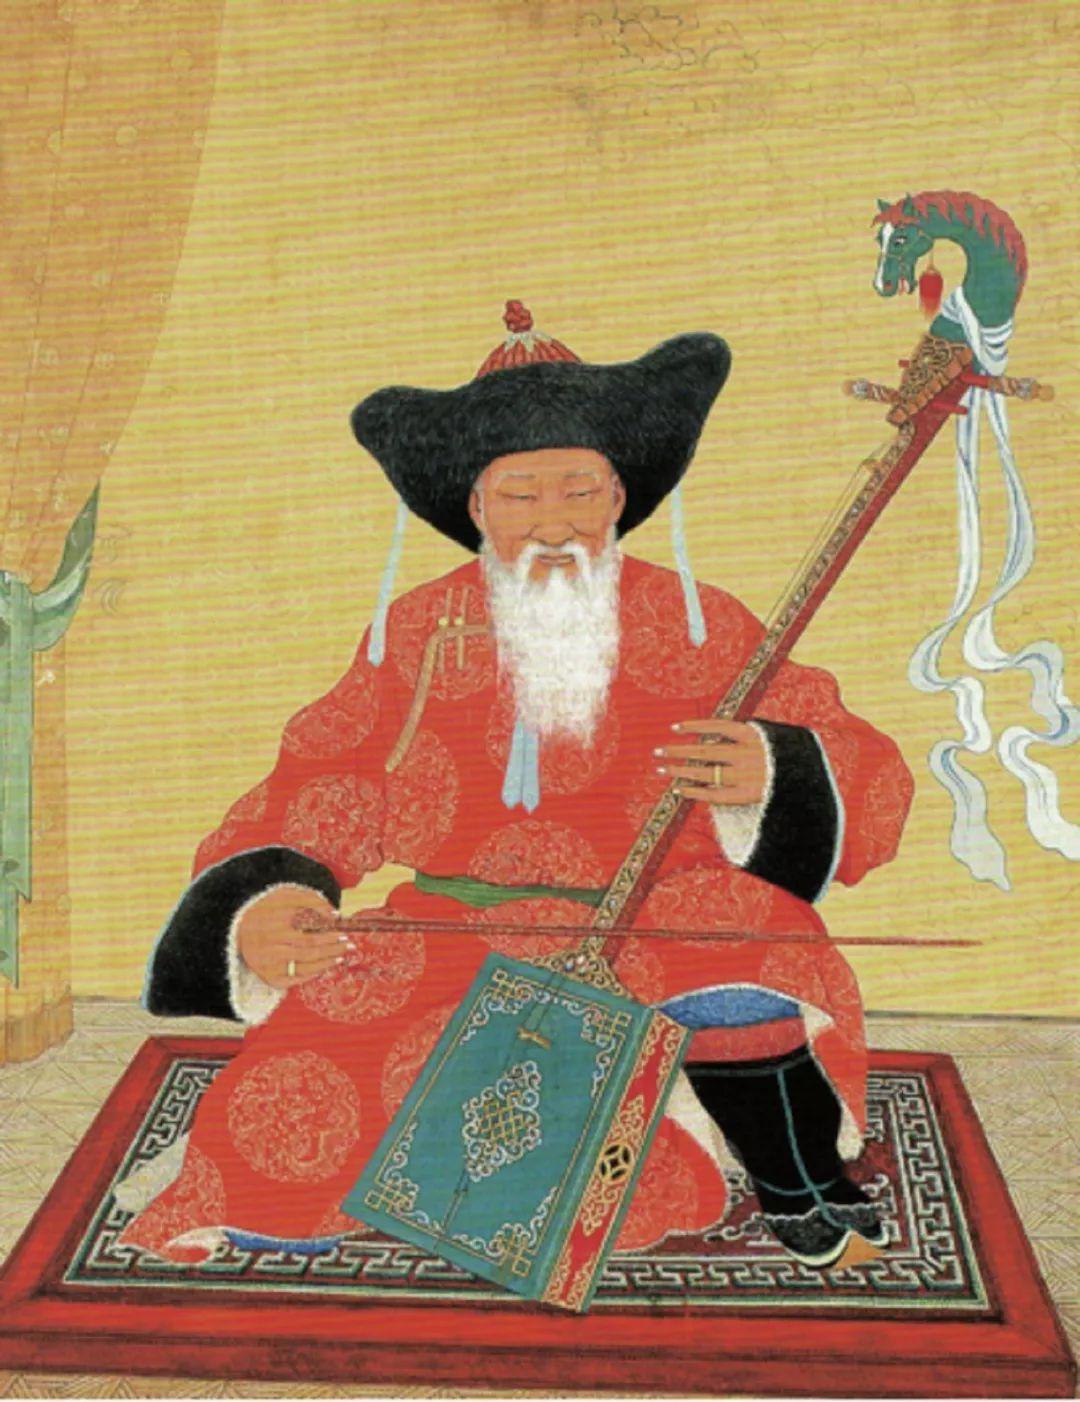 【艺术】蒙古国现当代绘画艺术的起源 第16张